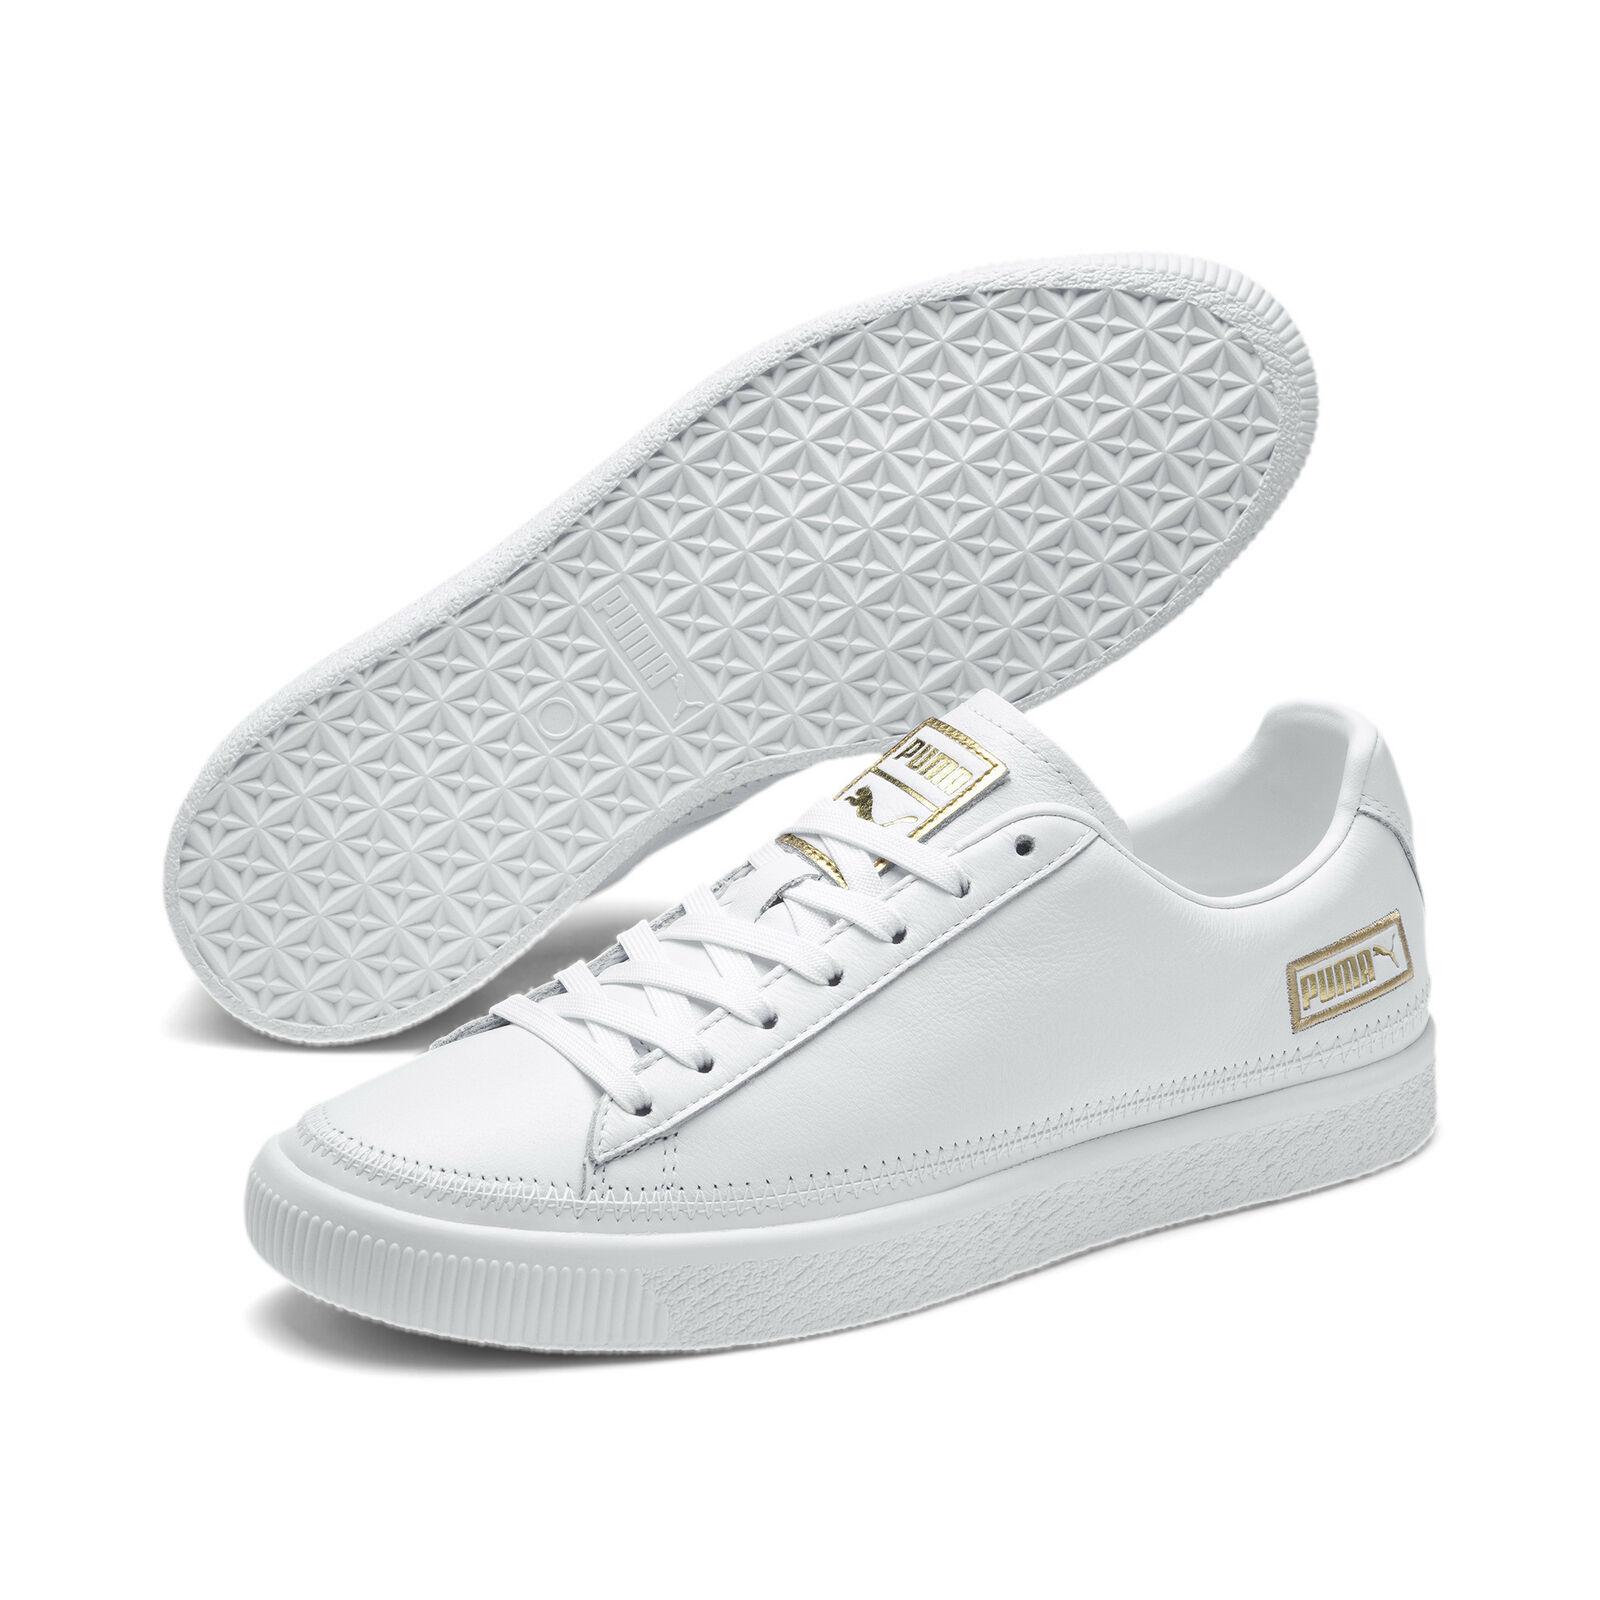 Bild zu Unisex-Sneaker Puma Basket Snitch für 31,96€ (Vergleich: 49,99€)